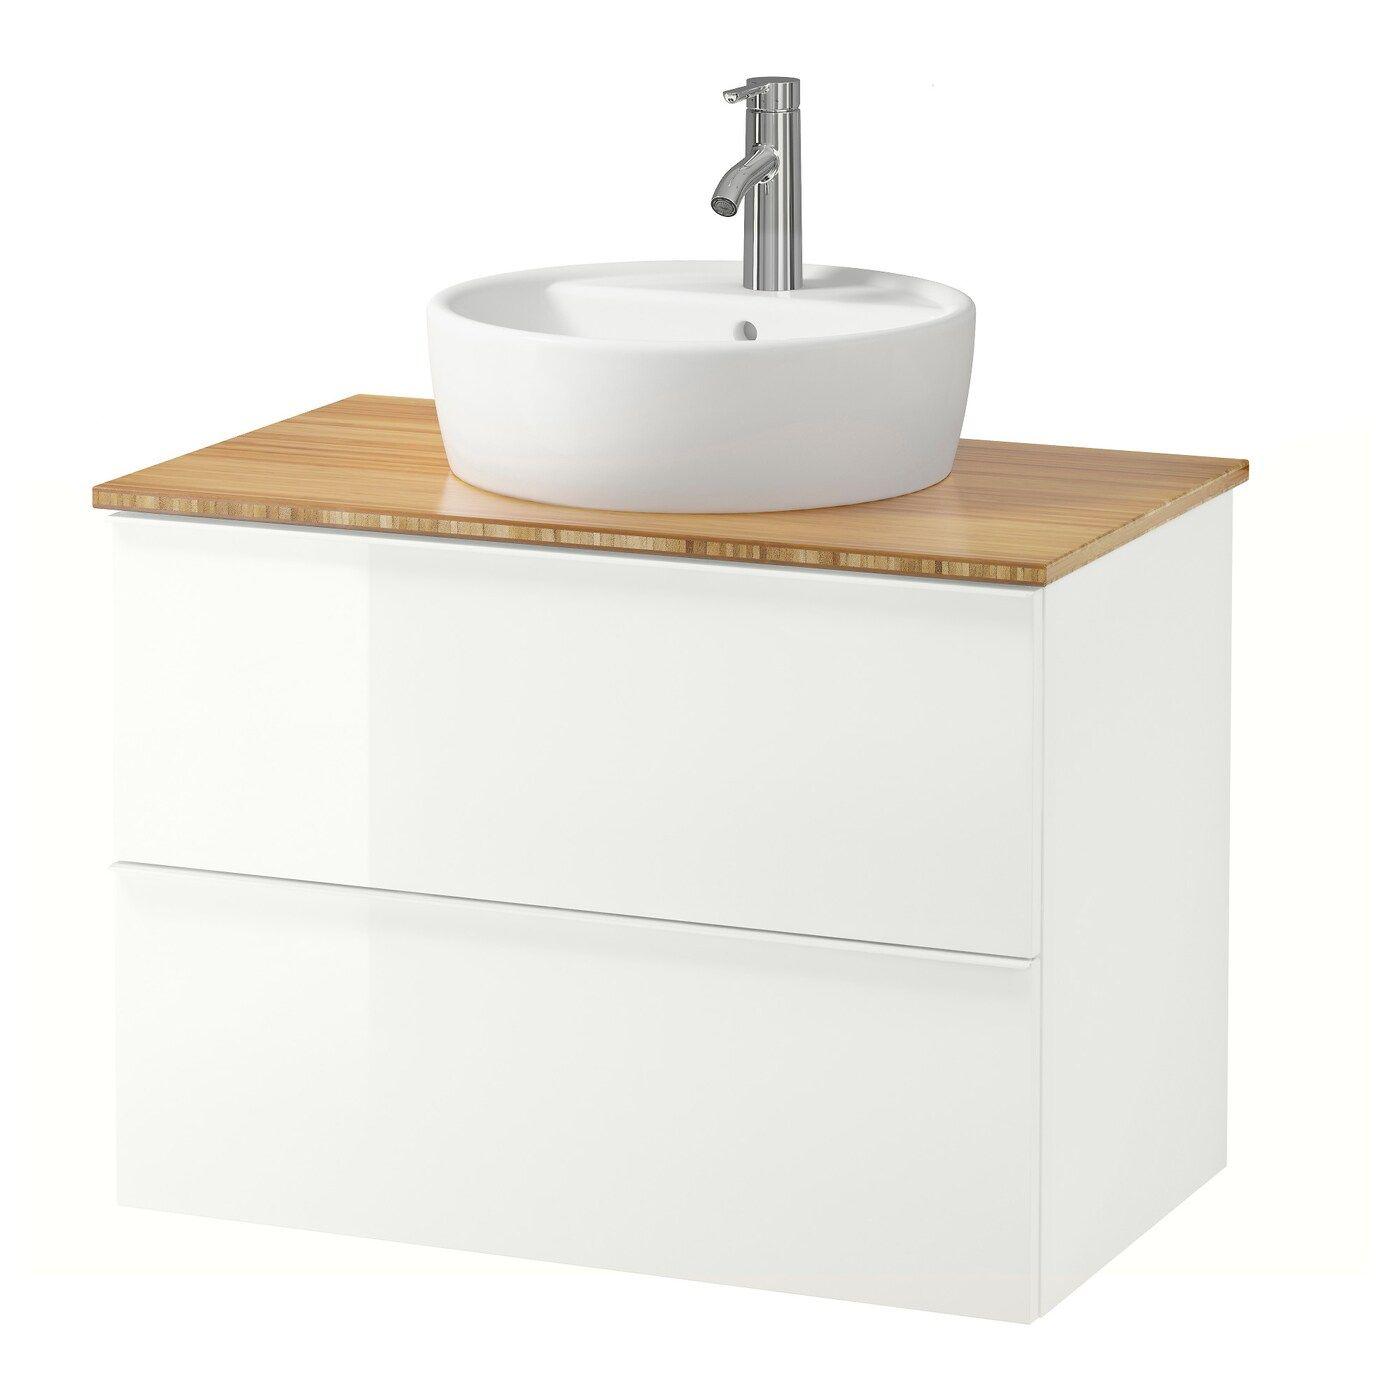 Godmorgon Tolken Tornviken Cabinet Countertop 19 5 8 Sink